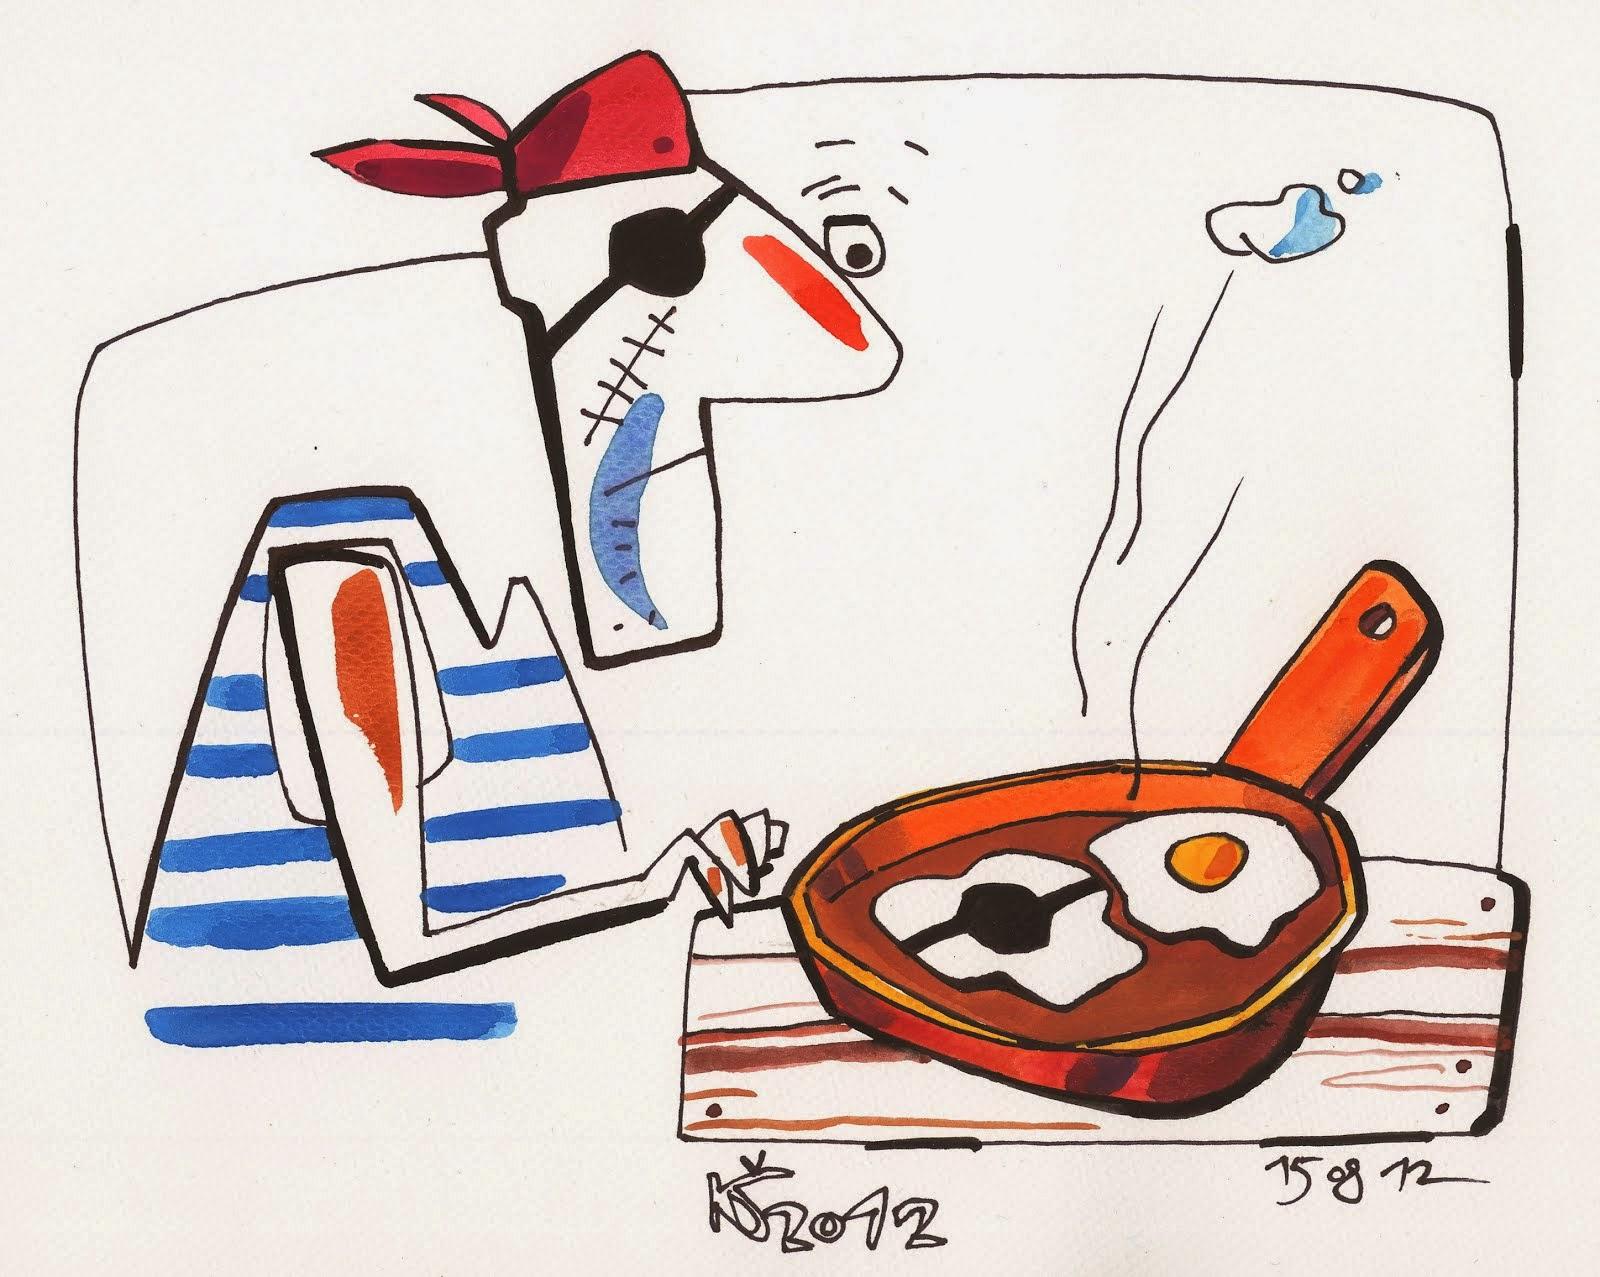 toonpool - tarptautinė karikatūristų bendruomenė